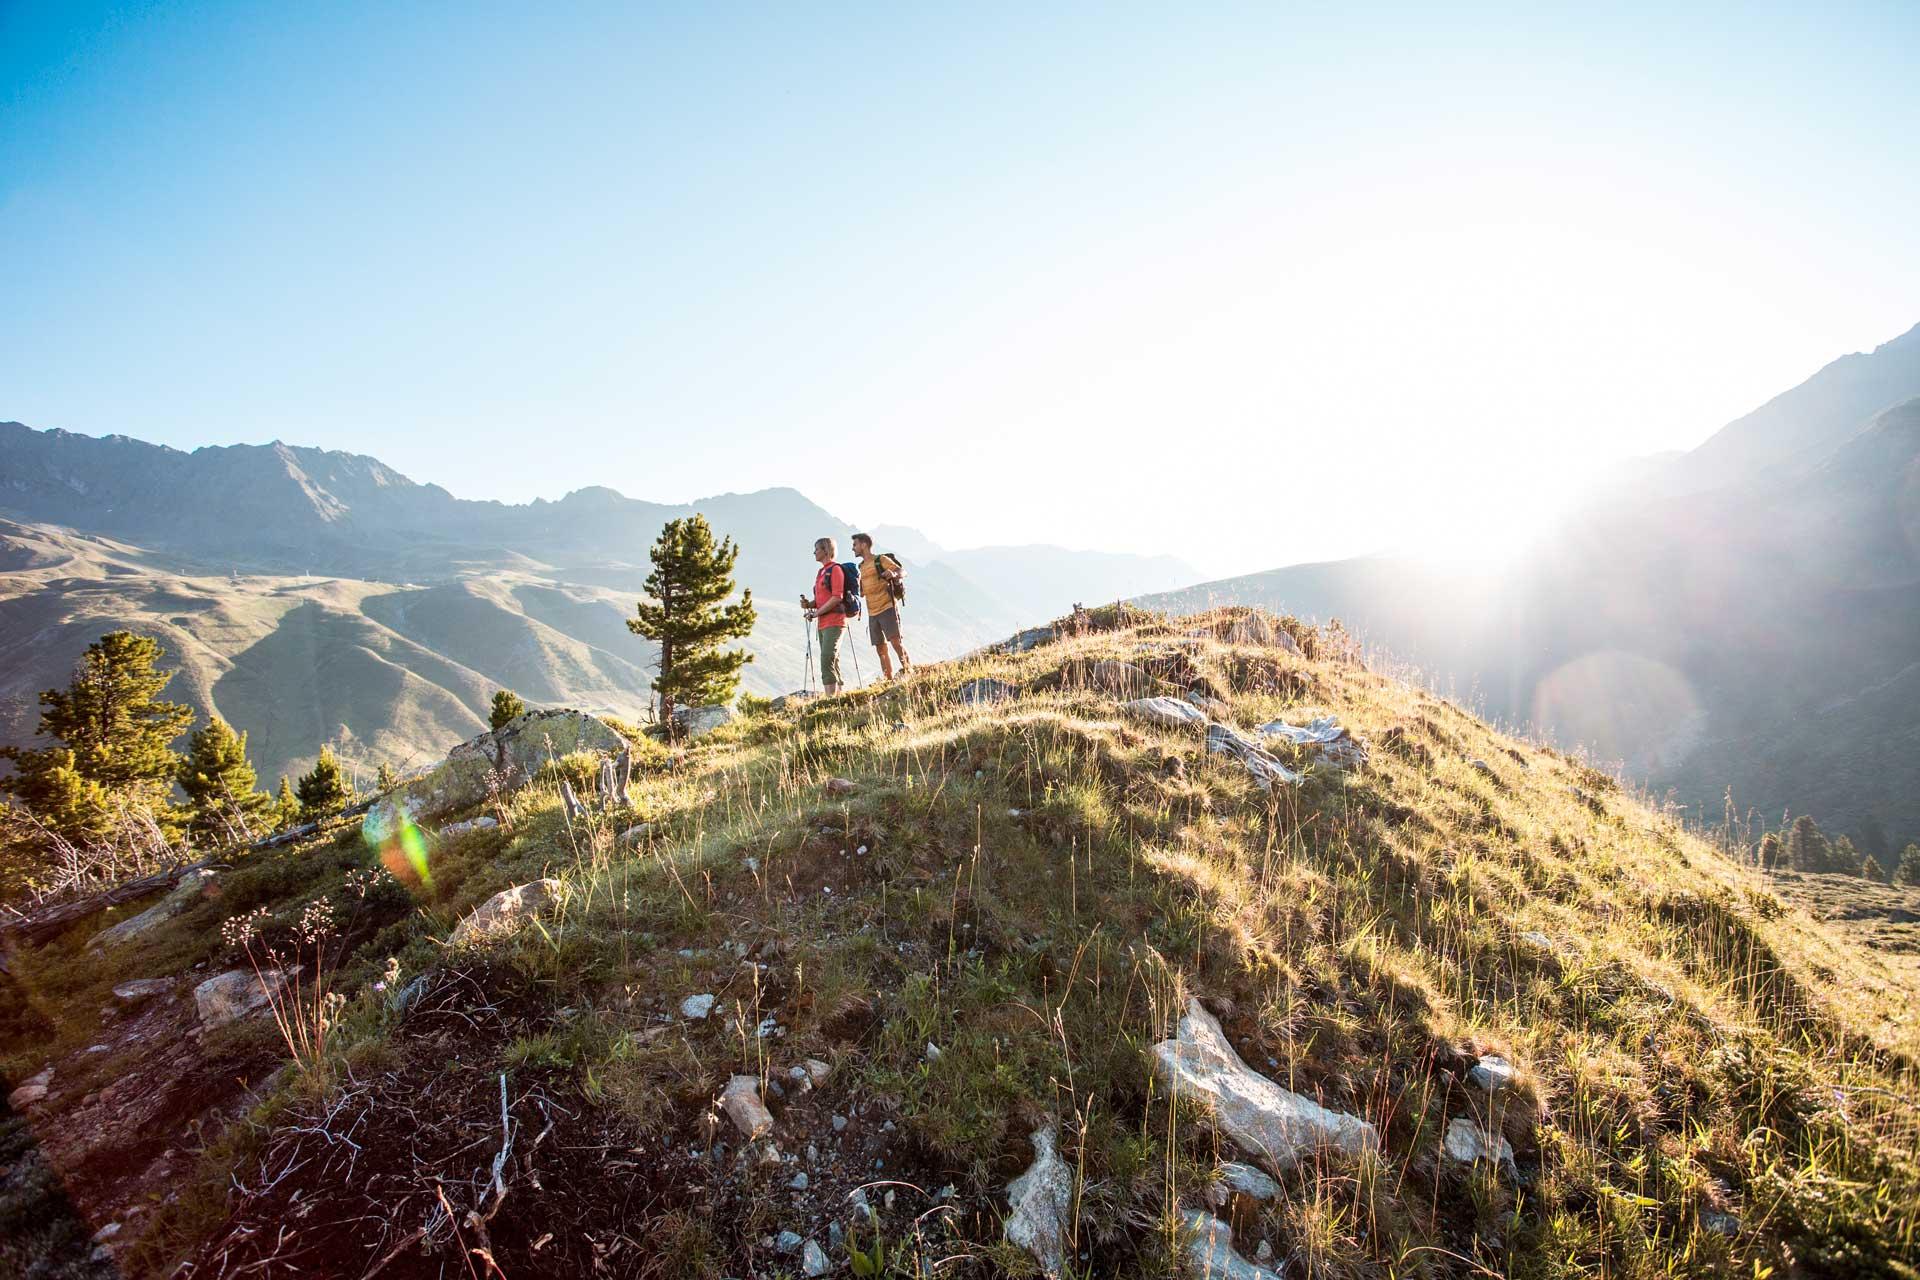 alpengasthof-dortmunder-huette-sommer-wandern-paerchen